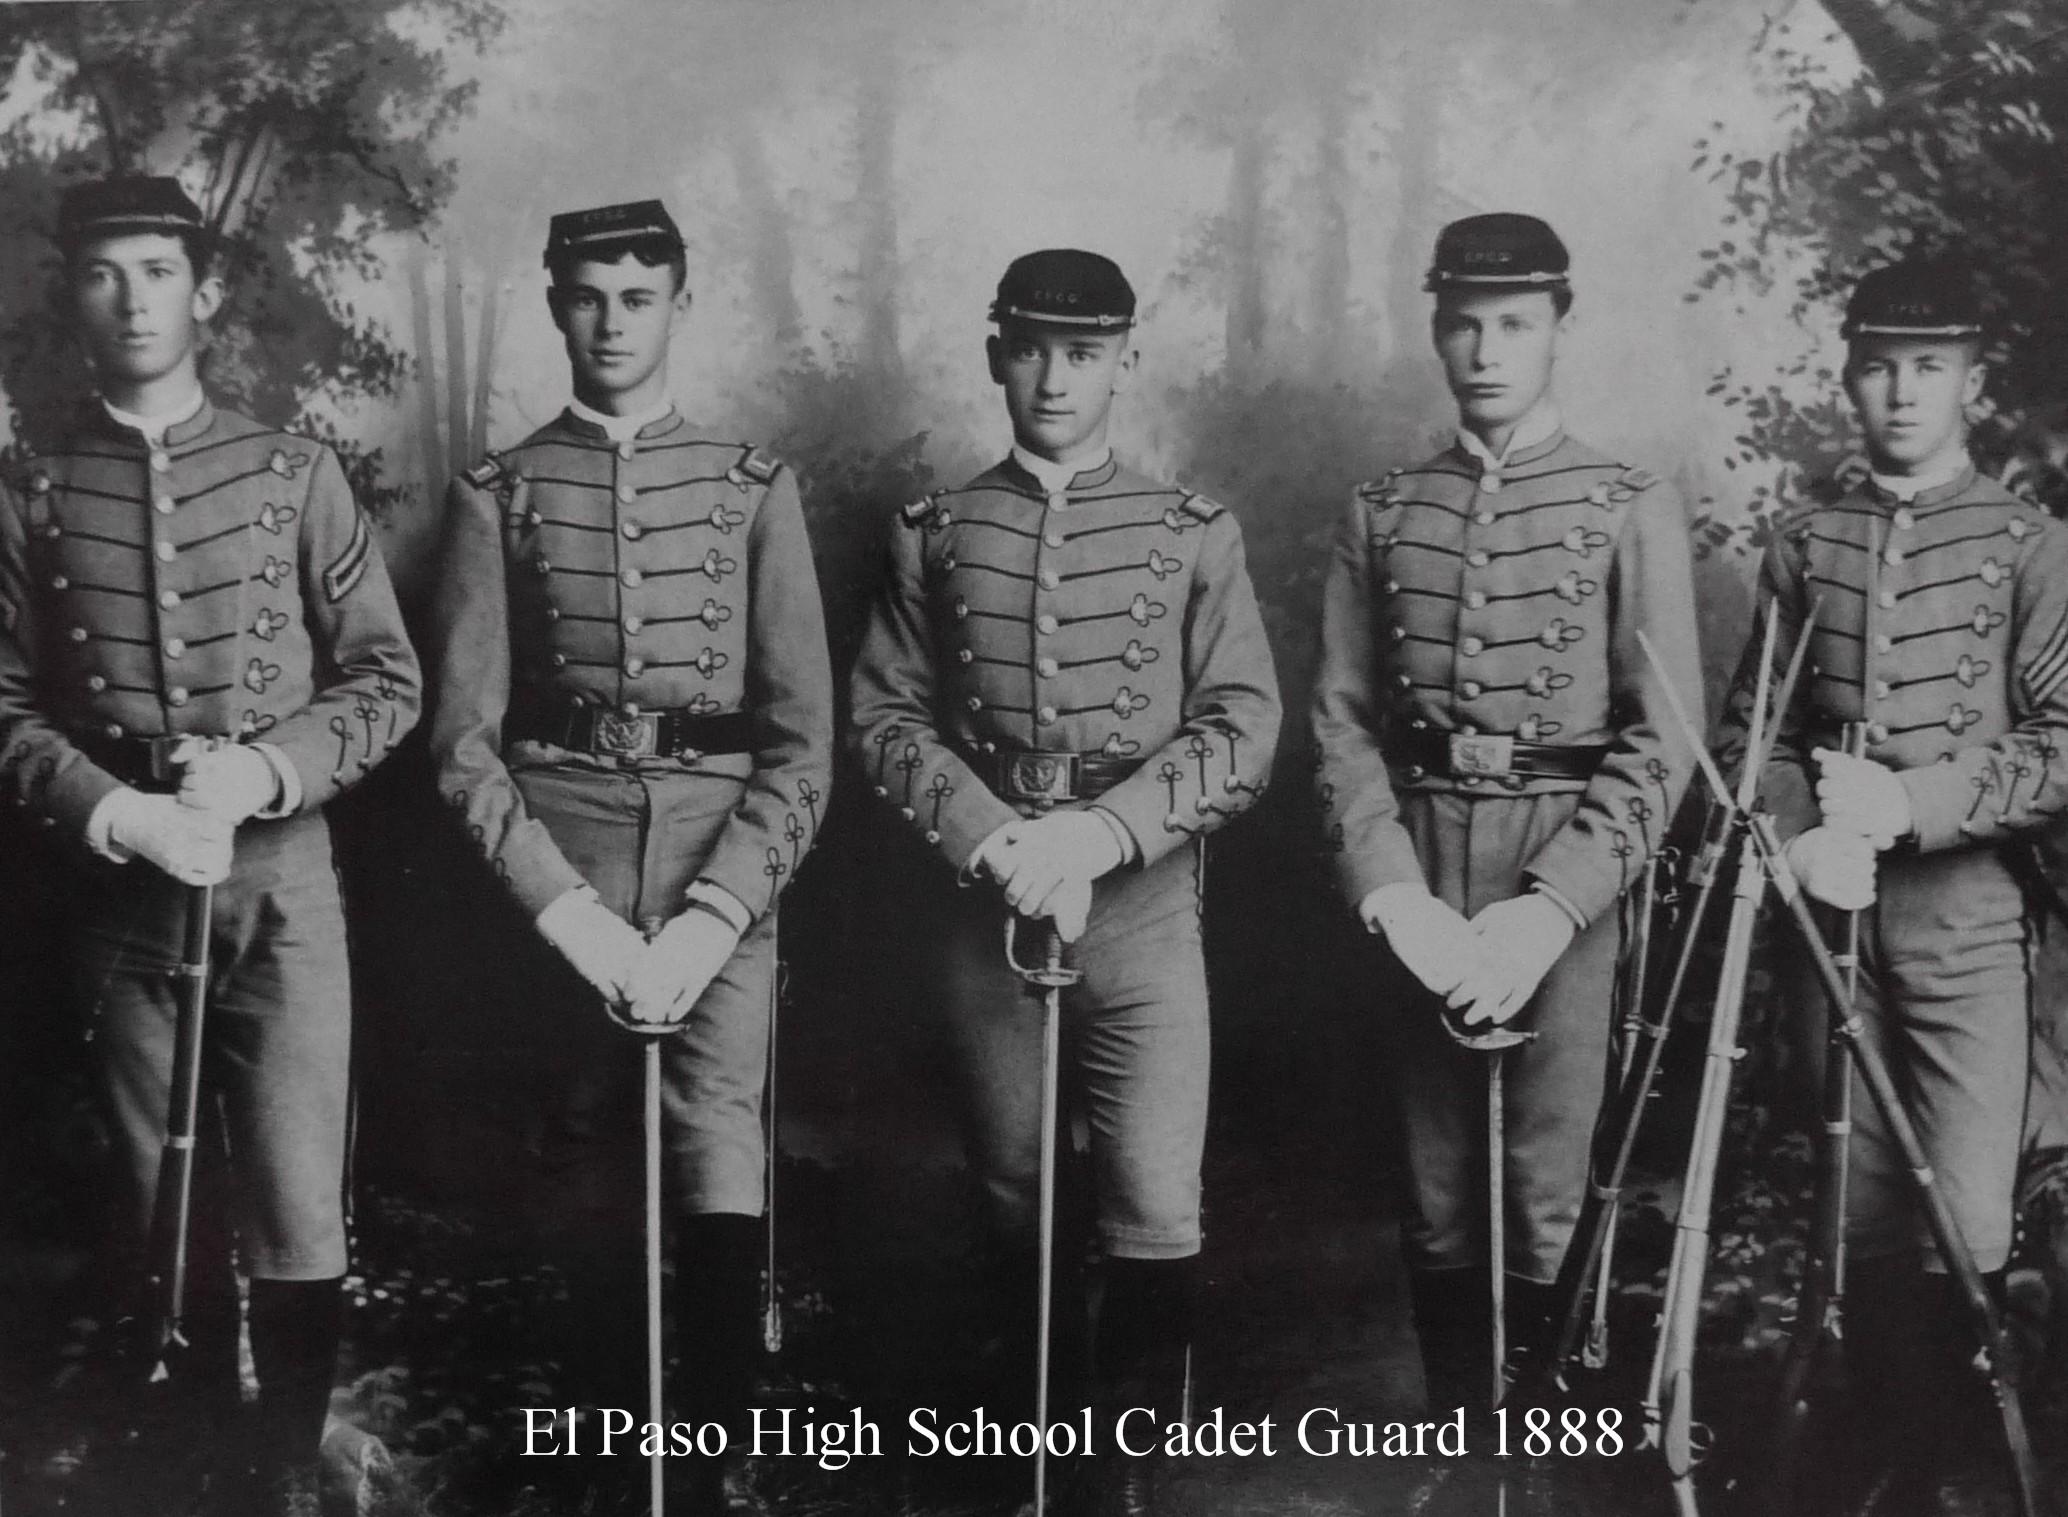 EPHS_Cadets 1888